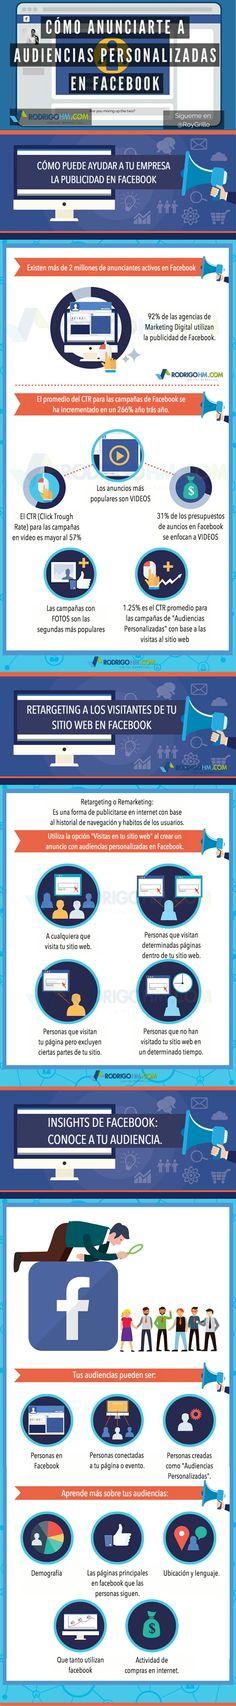 ¿Cómo anunciarte a audiencias personalizadas en Facebook?... #SocialMediaOP #SocialMedia #Marketing